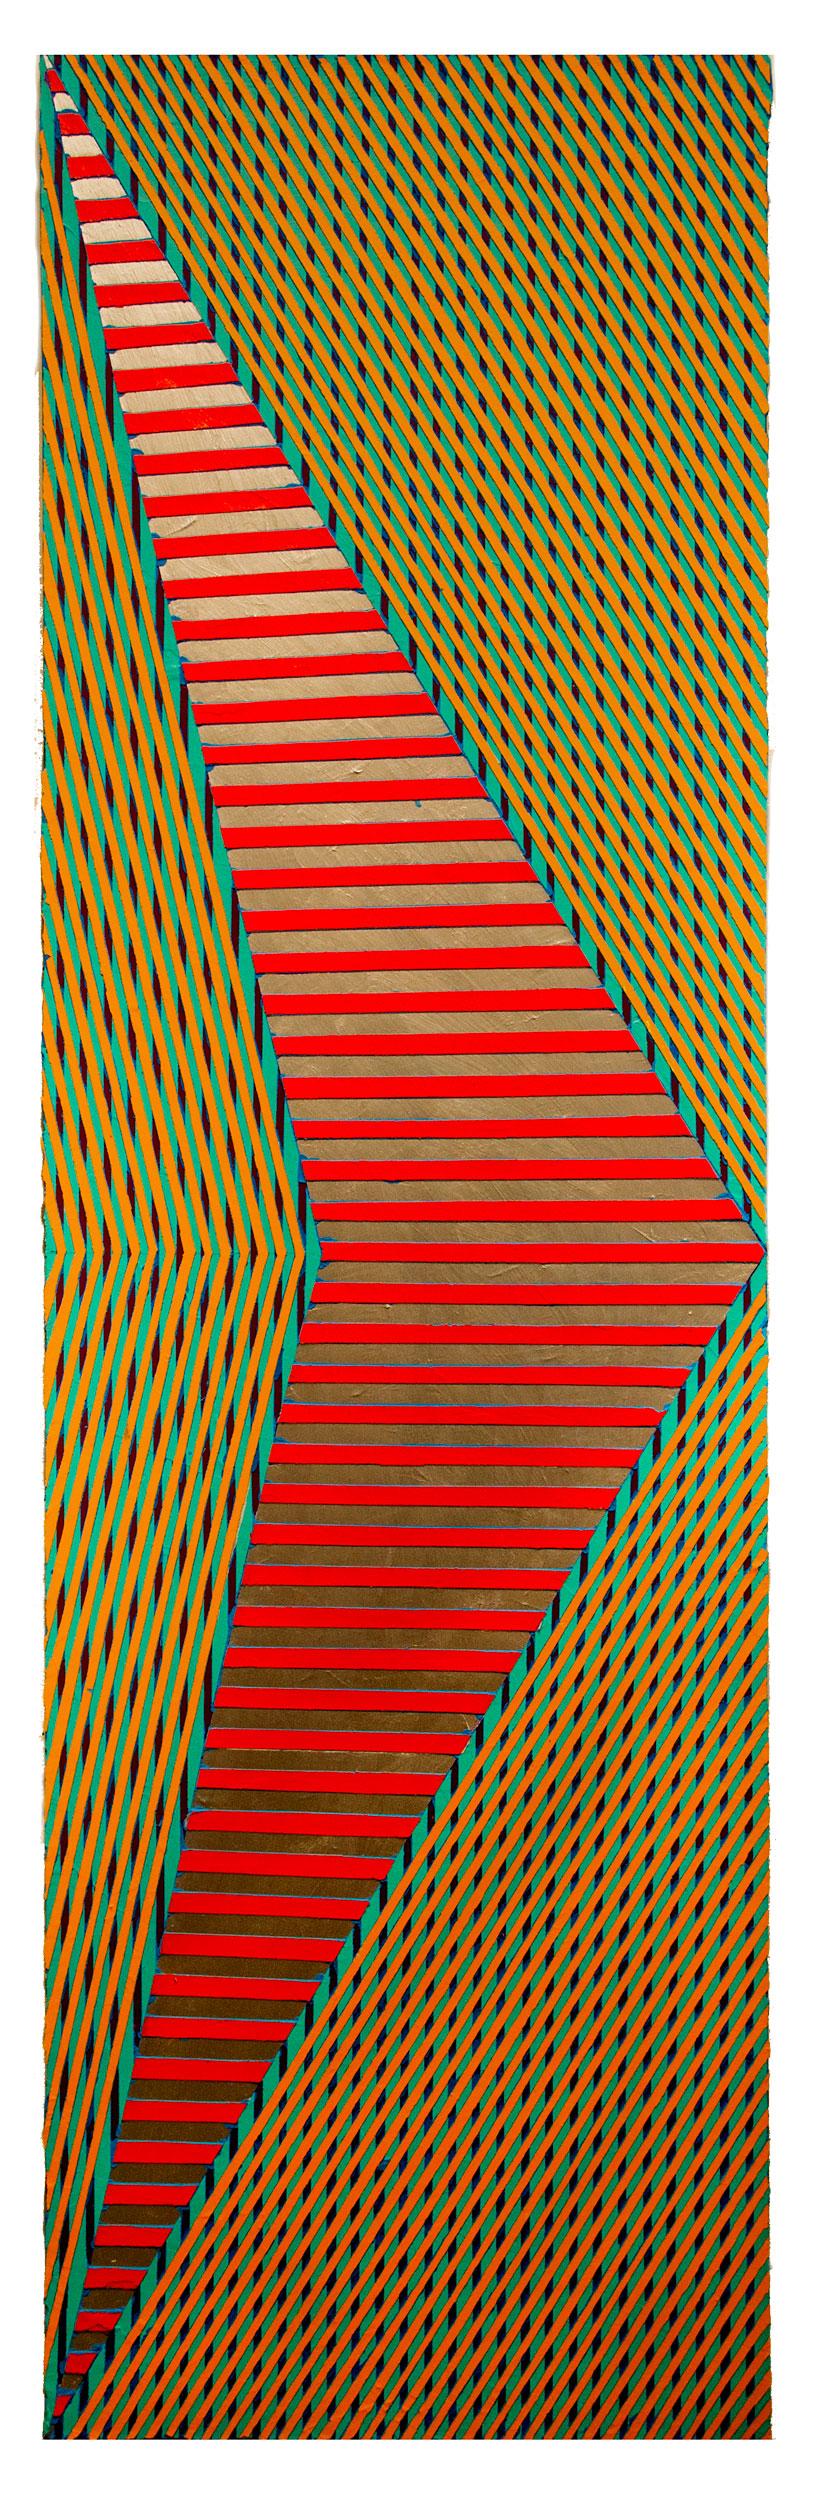 """2018 """"Chevon w. Silver & Red""""  Acrylic on Canvas 84H x 24W"""